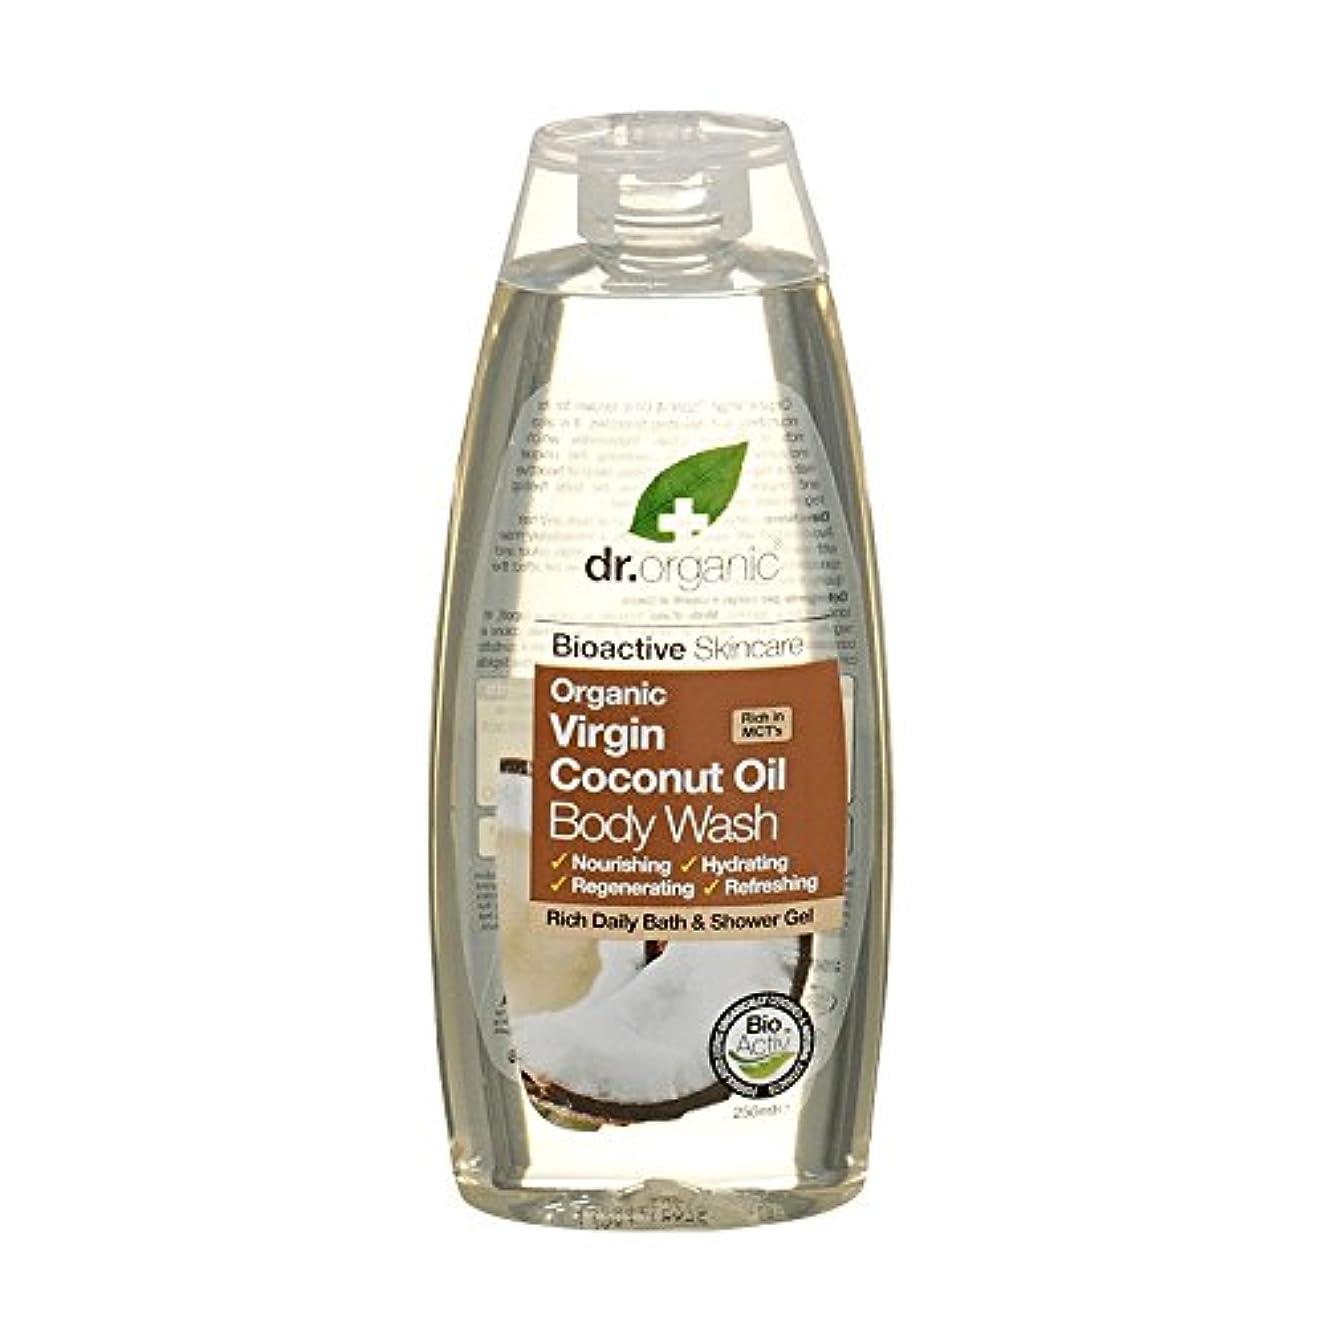 闘争のぞき穴検出するDr Organic Organic Virgin Coconut Oil Body Wash (Pack of 2) - Dr有機有機バージンココナッツオイルボディウォッシュ (x2) [並行輸入品]